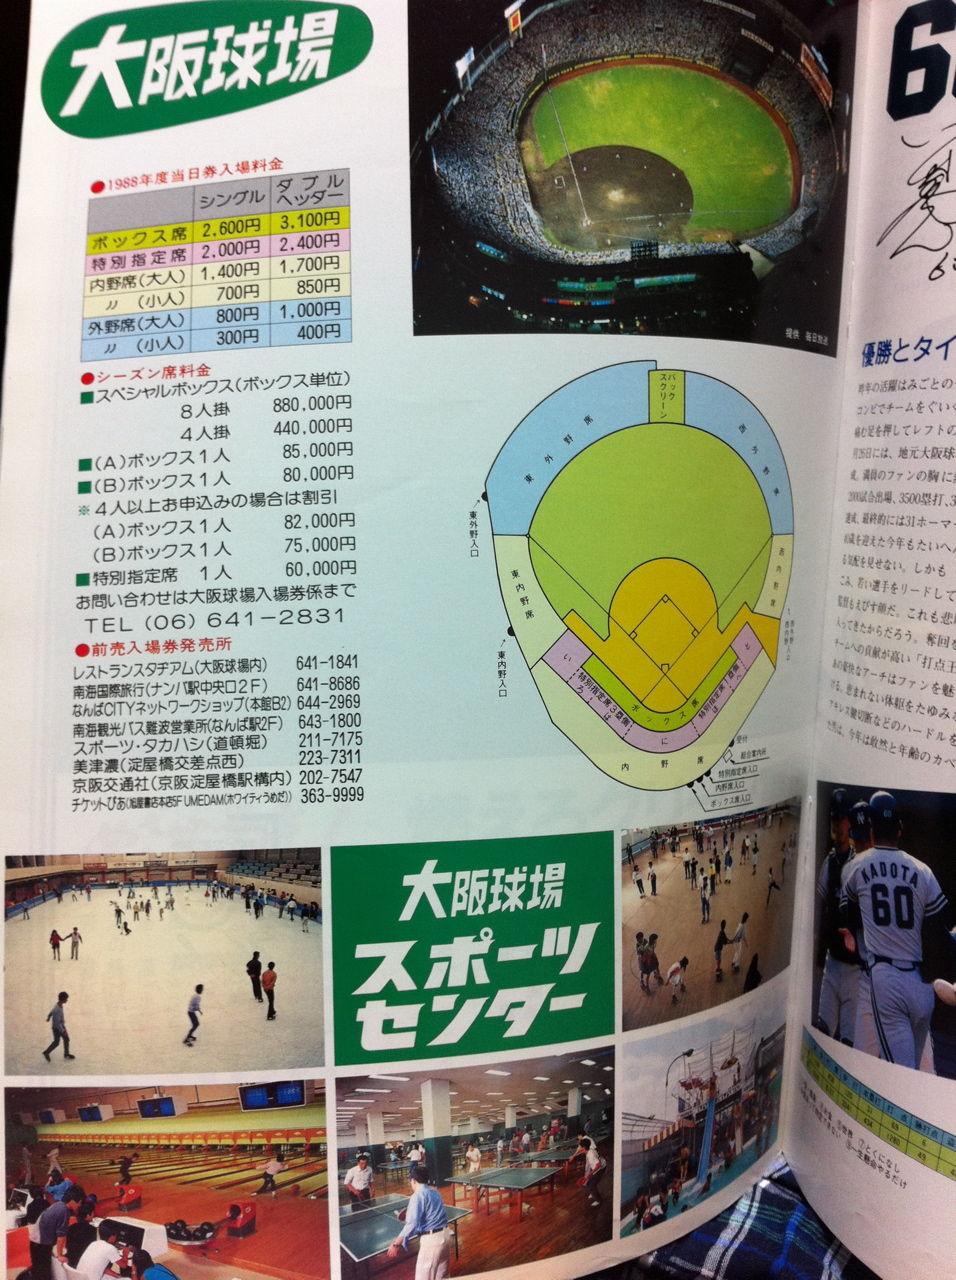 大阪球場スポーツセンターの広告